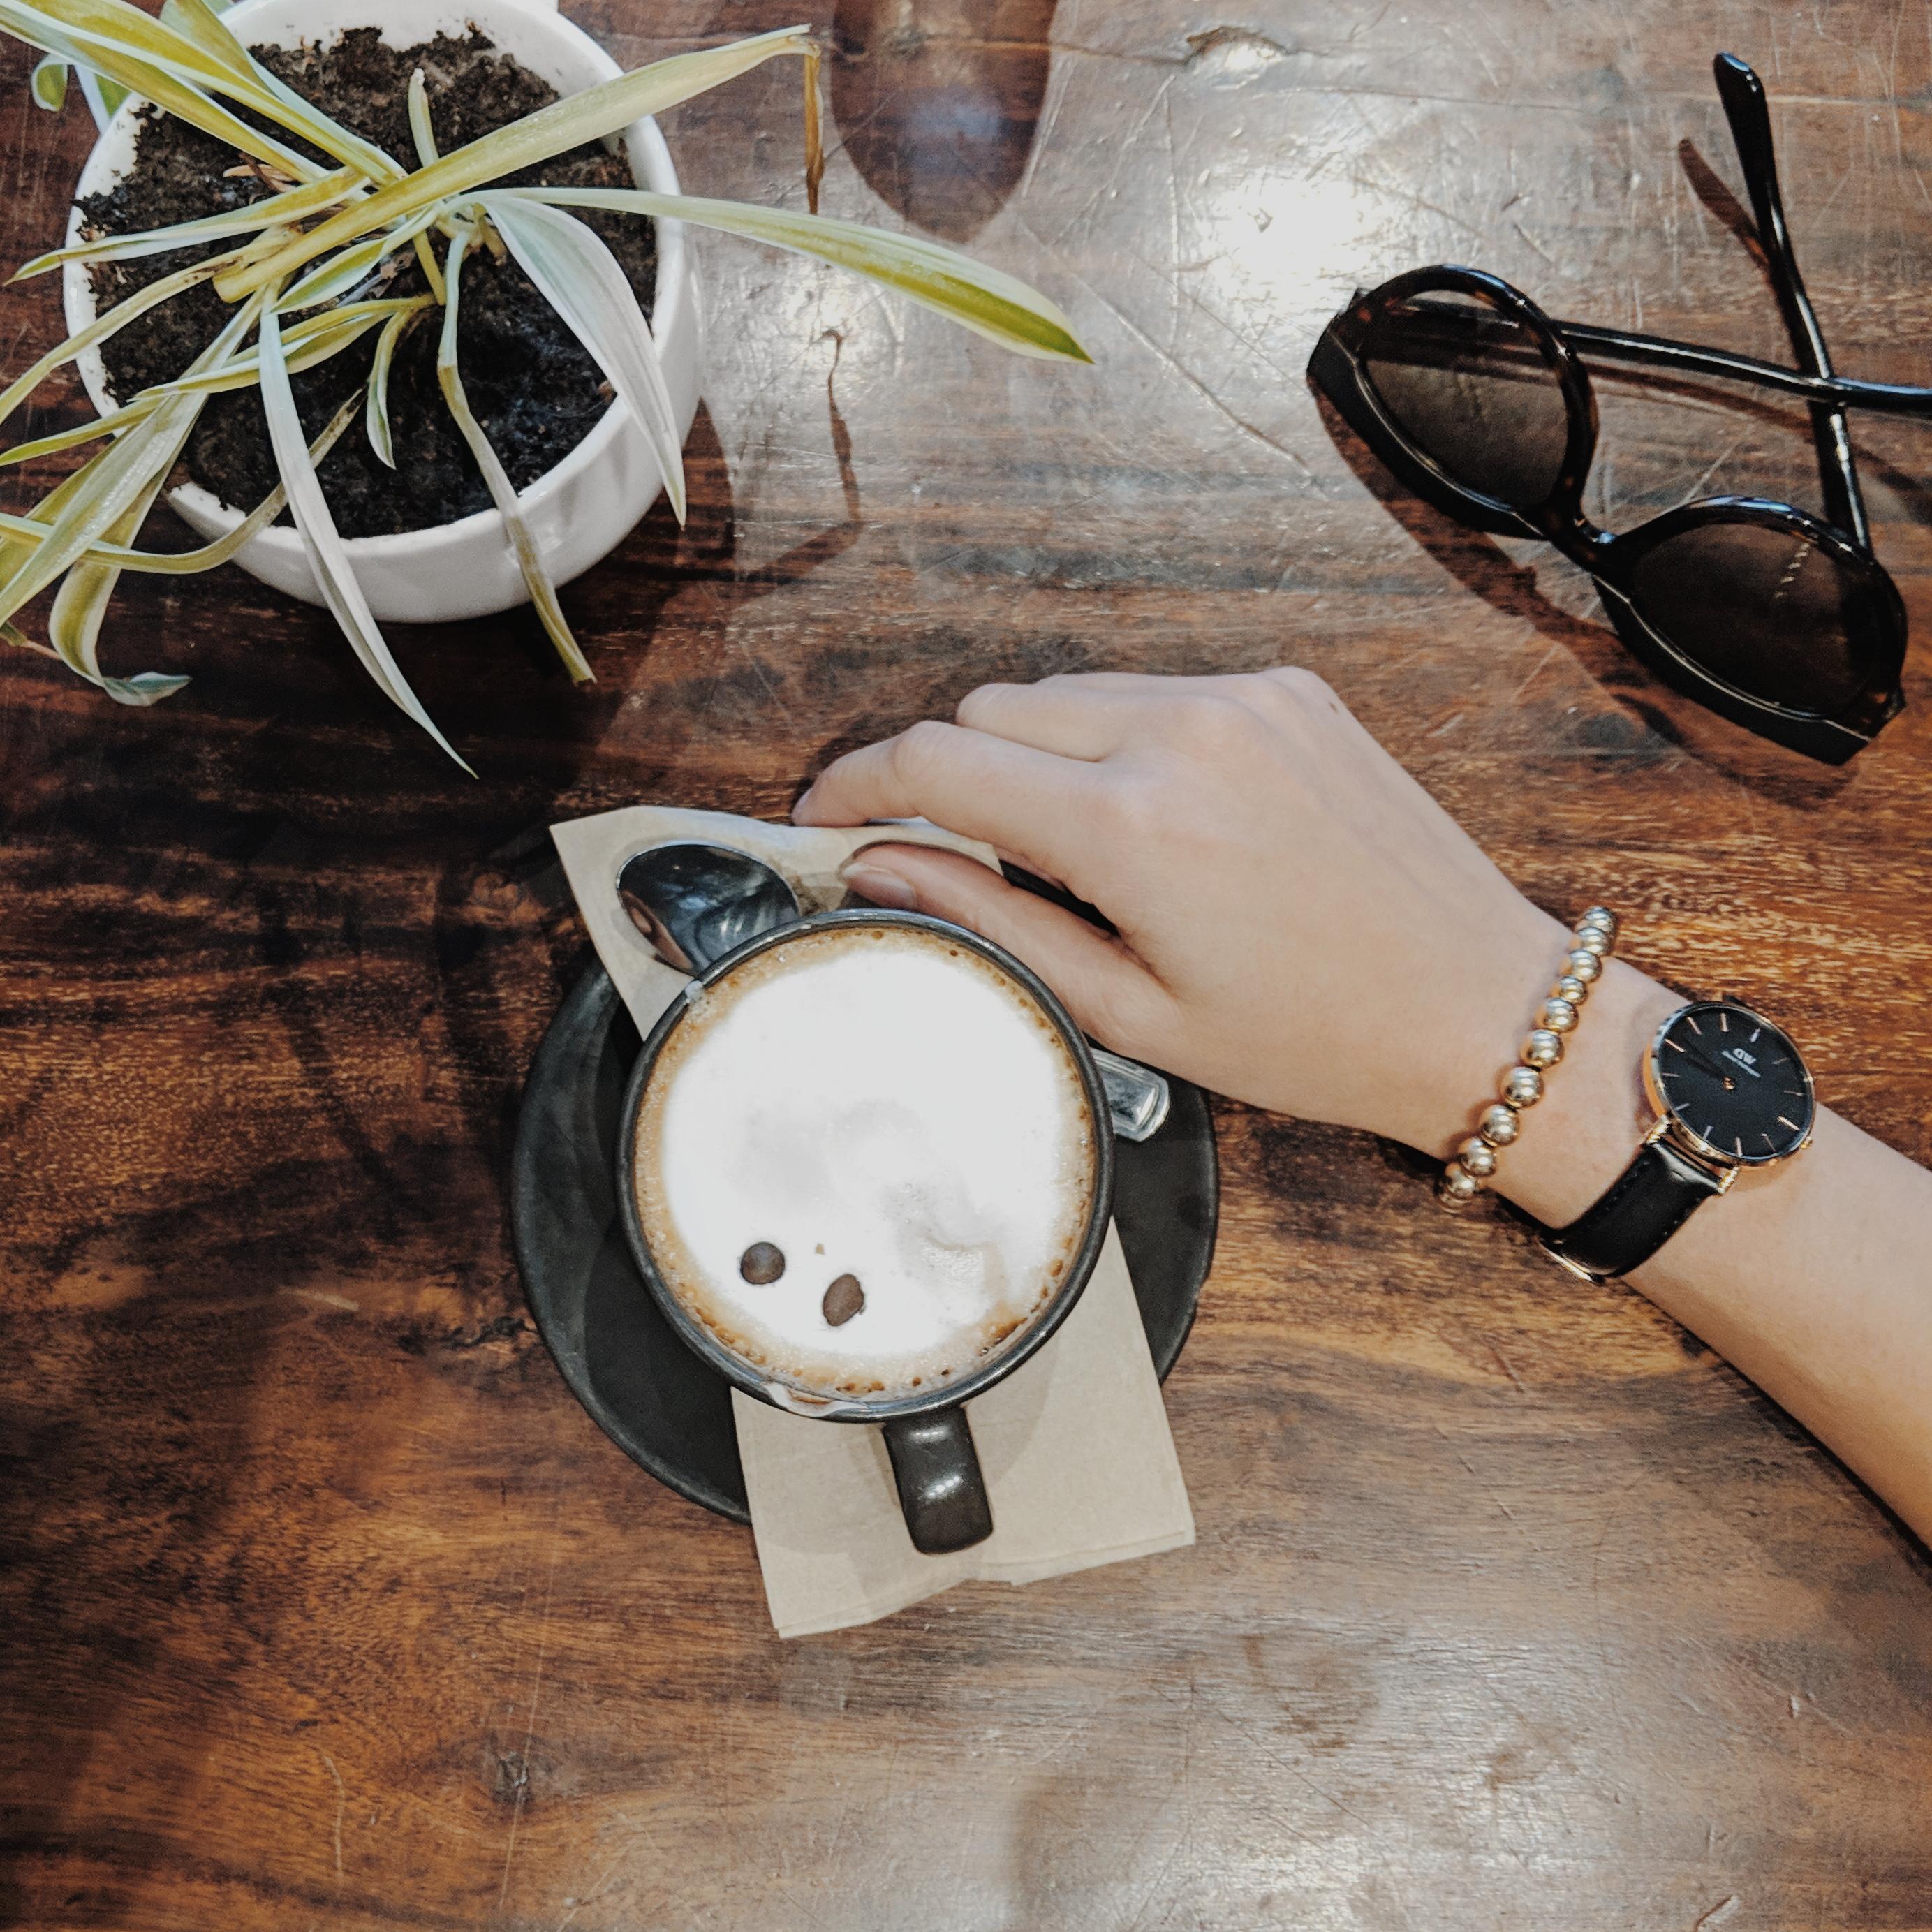 slow fashion, canadian slow fashion blog, slow fashion blogger, sustainable style, minimalism, minimalist, minimalist style, curated closet, curated capsule closet, capsule closet, capsule wardrobe,